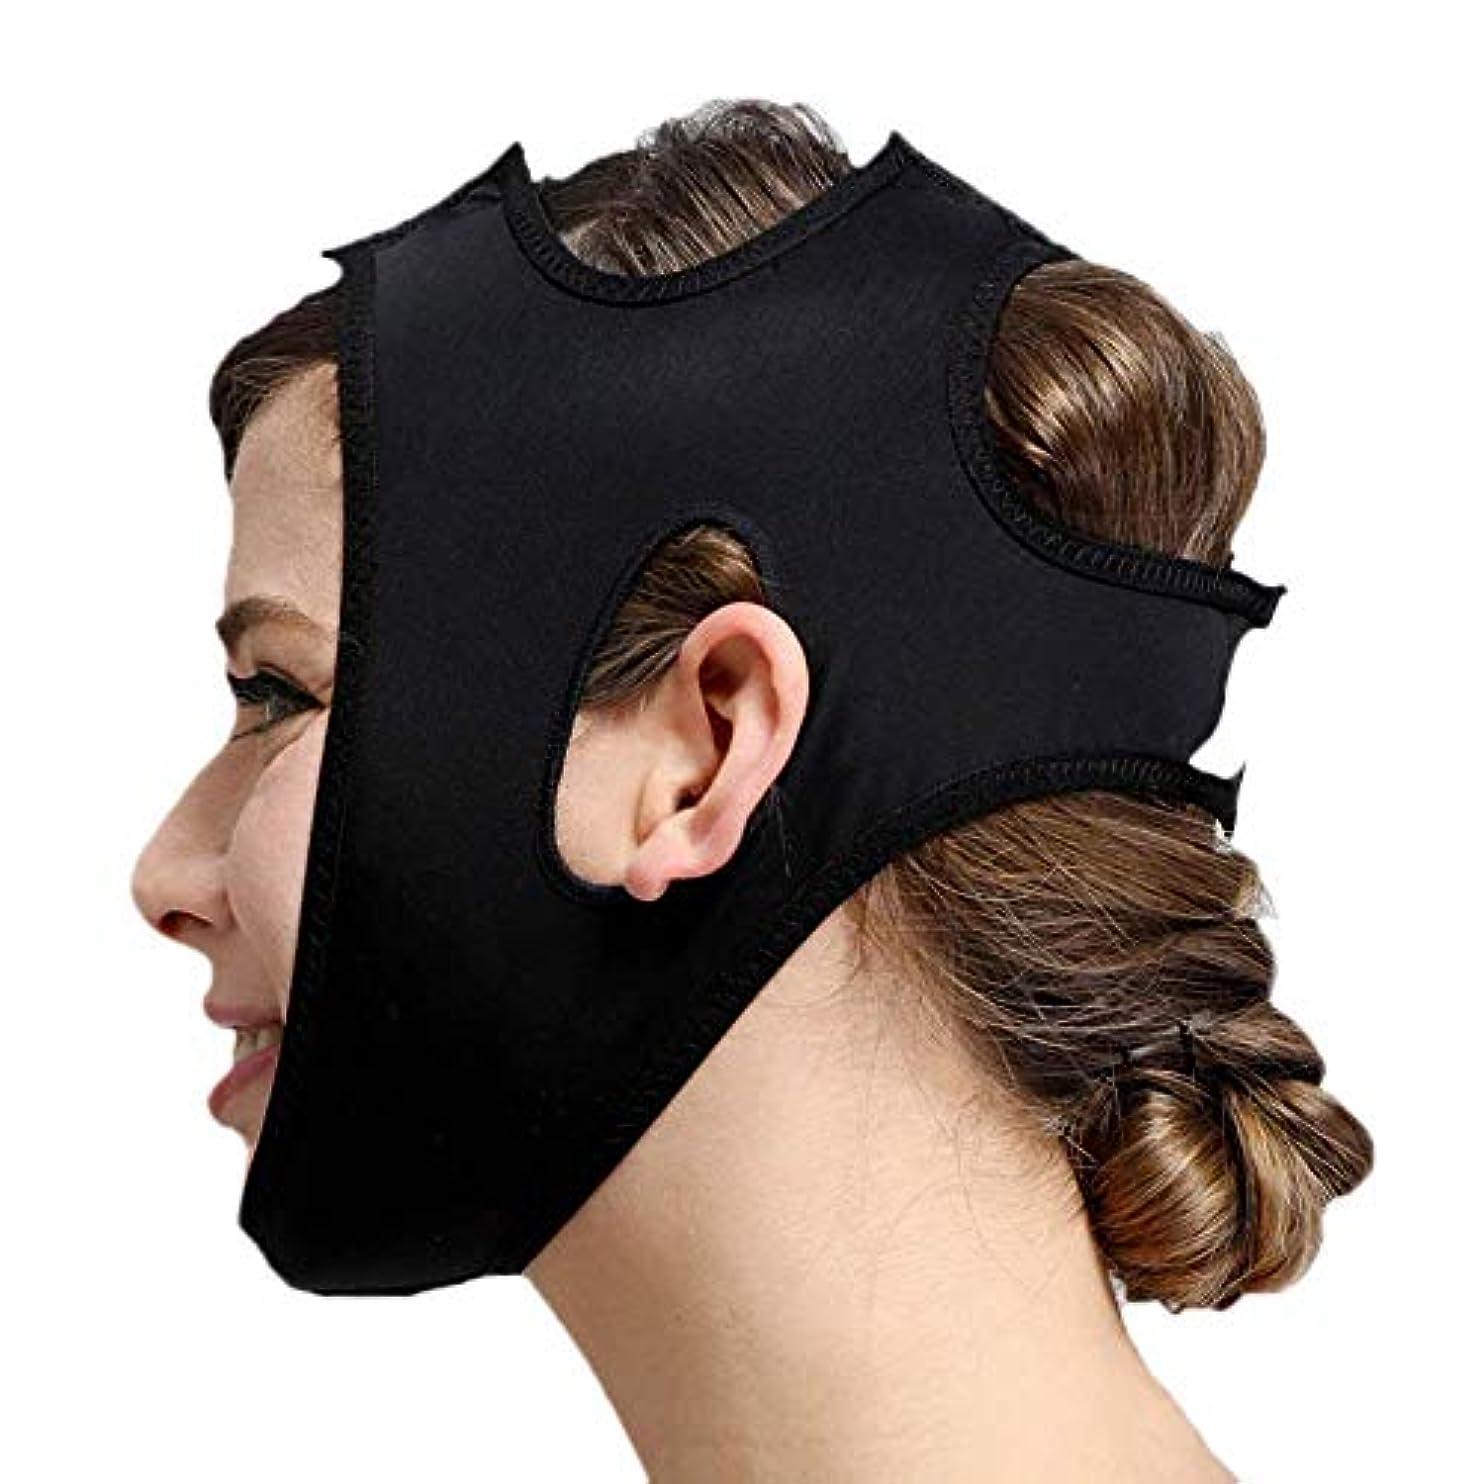 経済的気性ライバルフェイススリミングマスク、快適さと通気性、フェイシャルリフティング、輪郭の改善された硬さ、ファーミングとリフティングフェイス(カラー:ブラック、サイズ:XL),黒、L